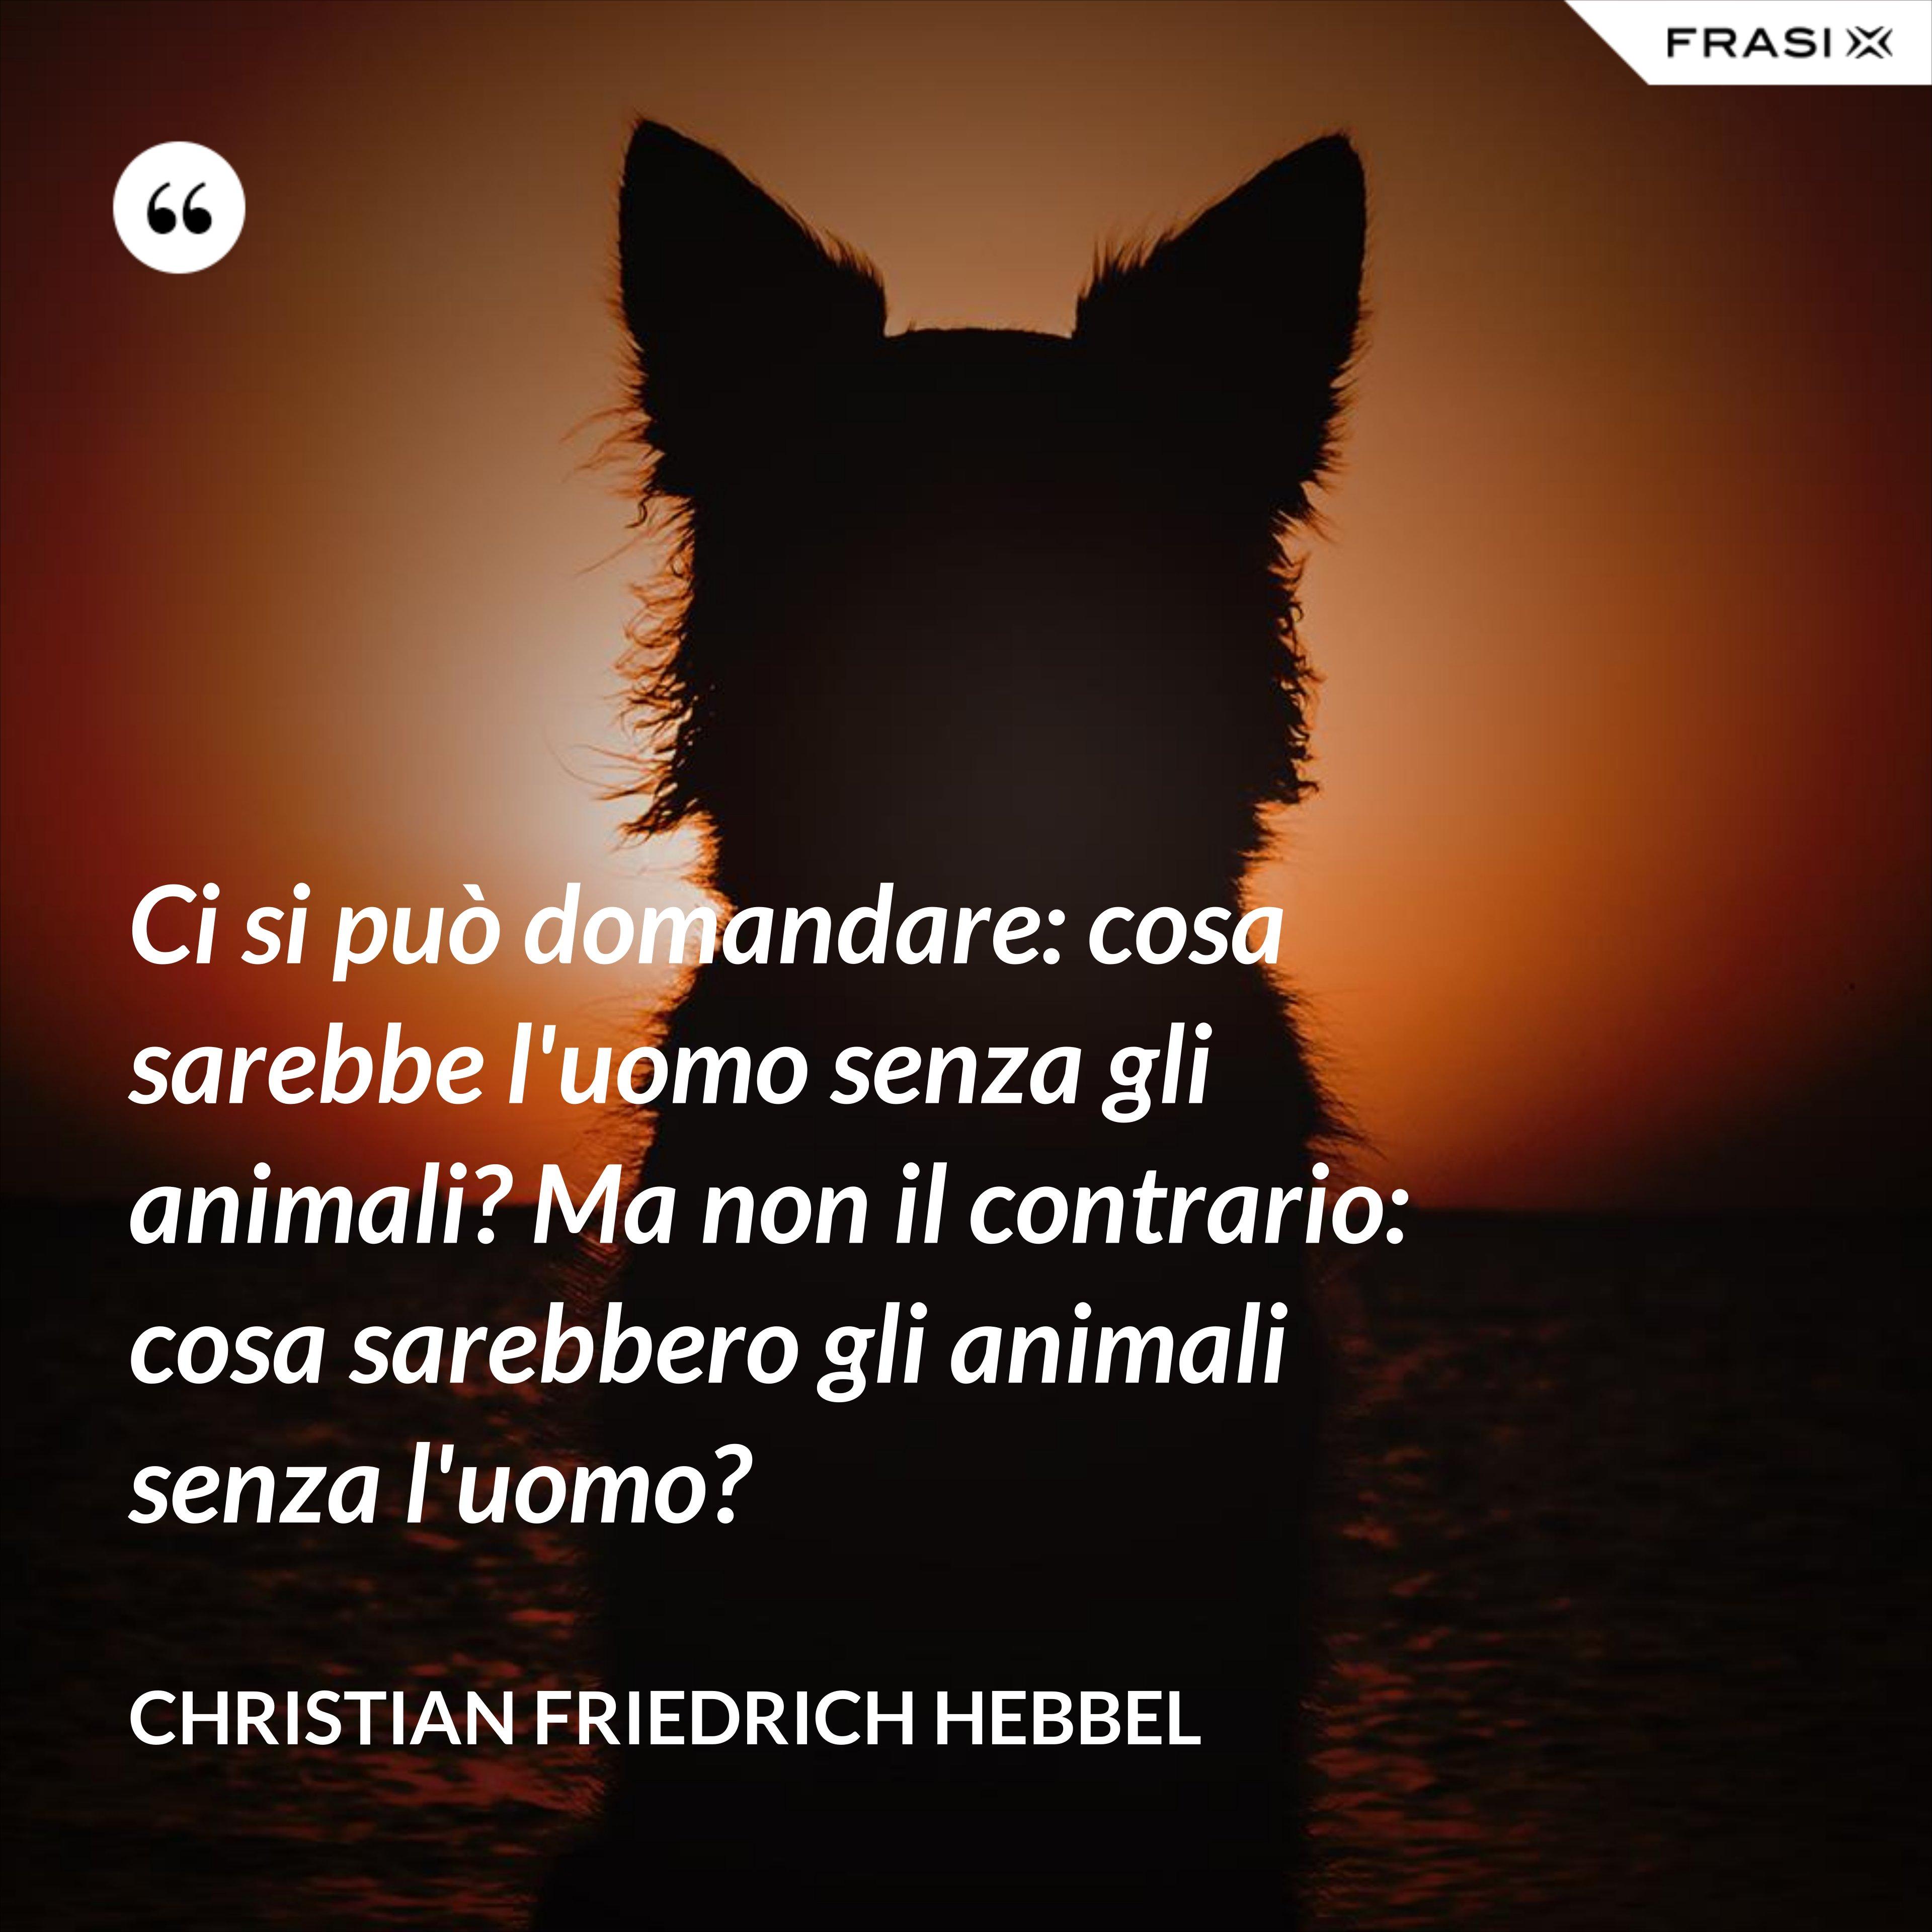 Ci si può domandare: cosa sarebbe l'uomo senza gli animali? Ma non il contrario: cosa sarebbero gli animali senza l'uomo? - Christian Friedrich Hebbel